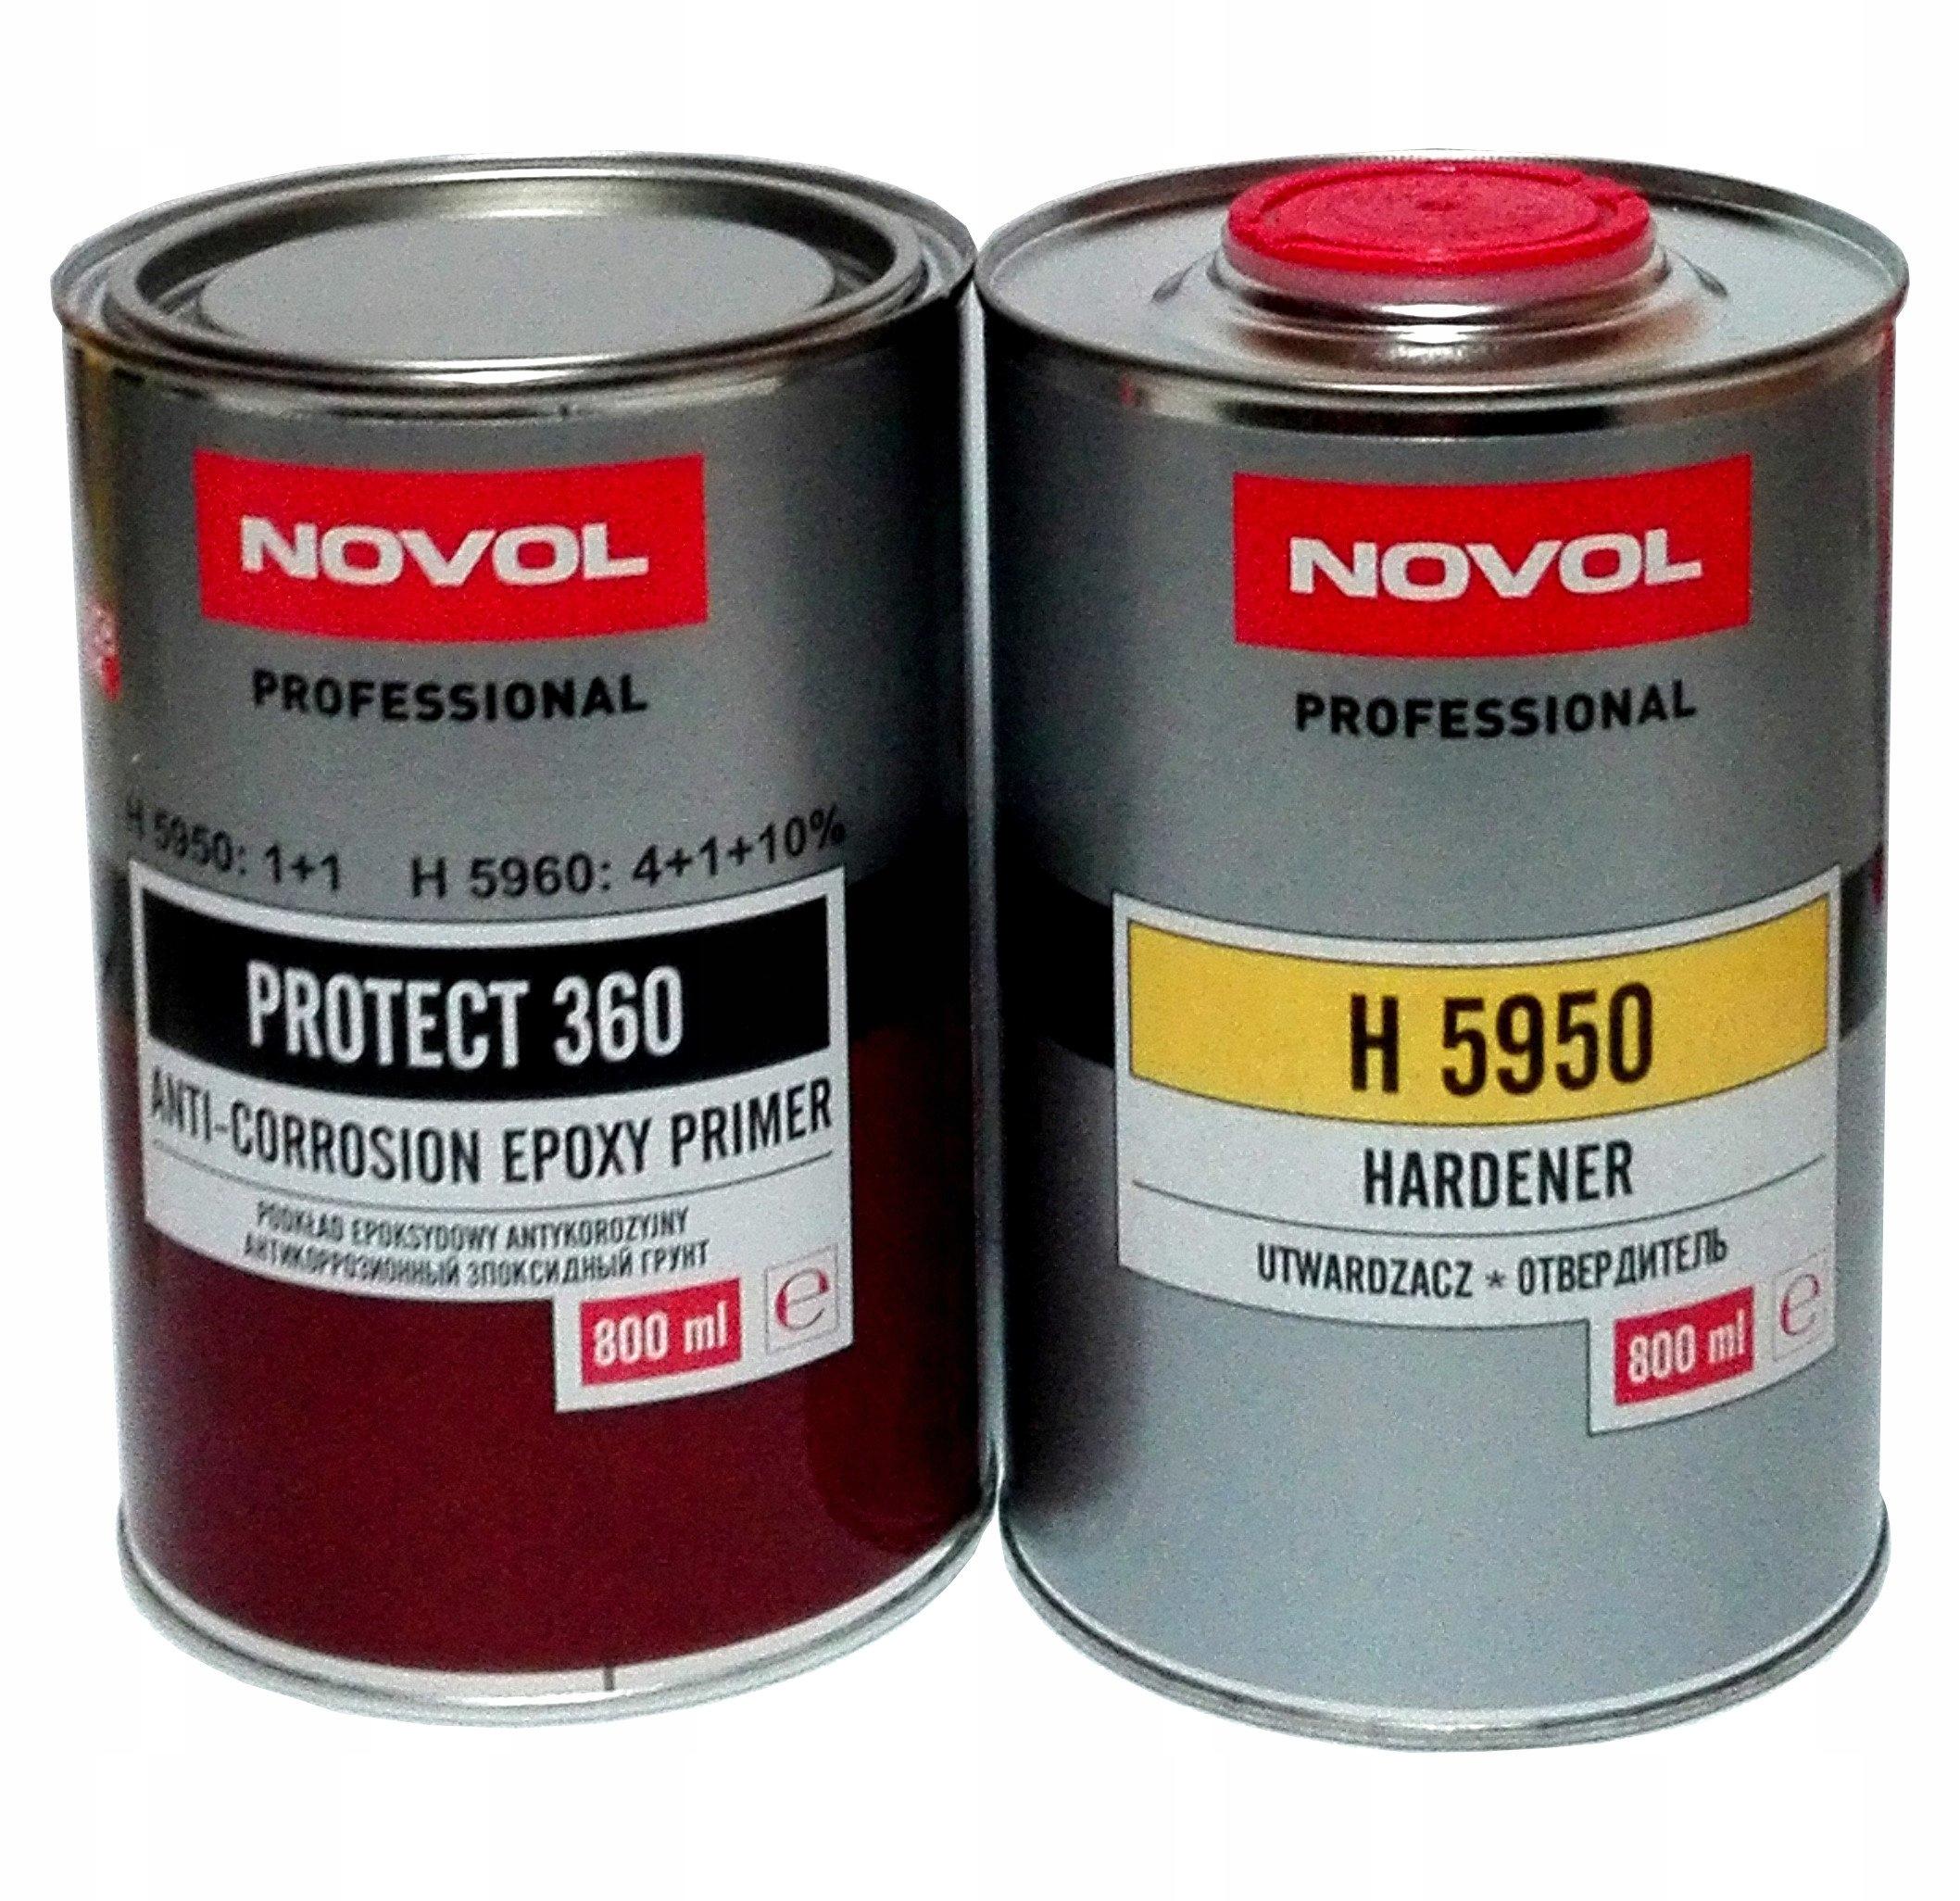 NOVOL EPOXY PRIMER ANTICORROSION PROTECT 360